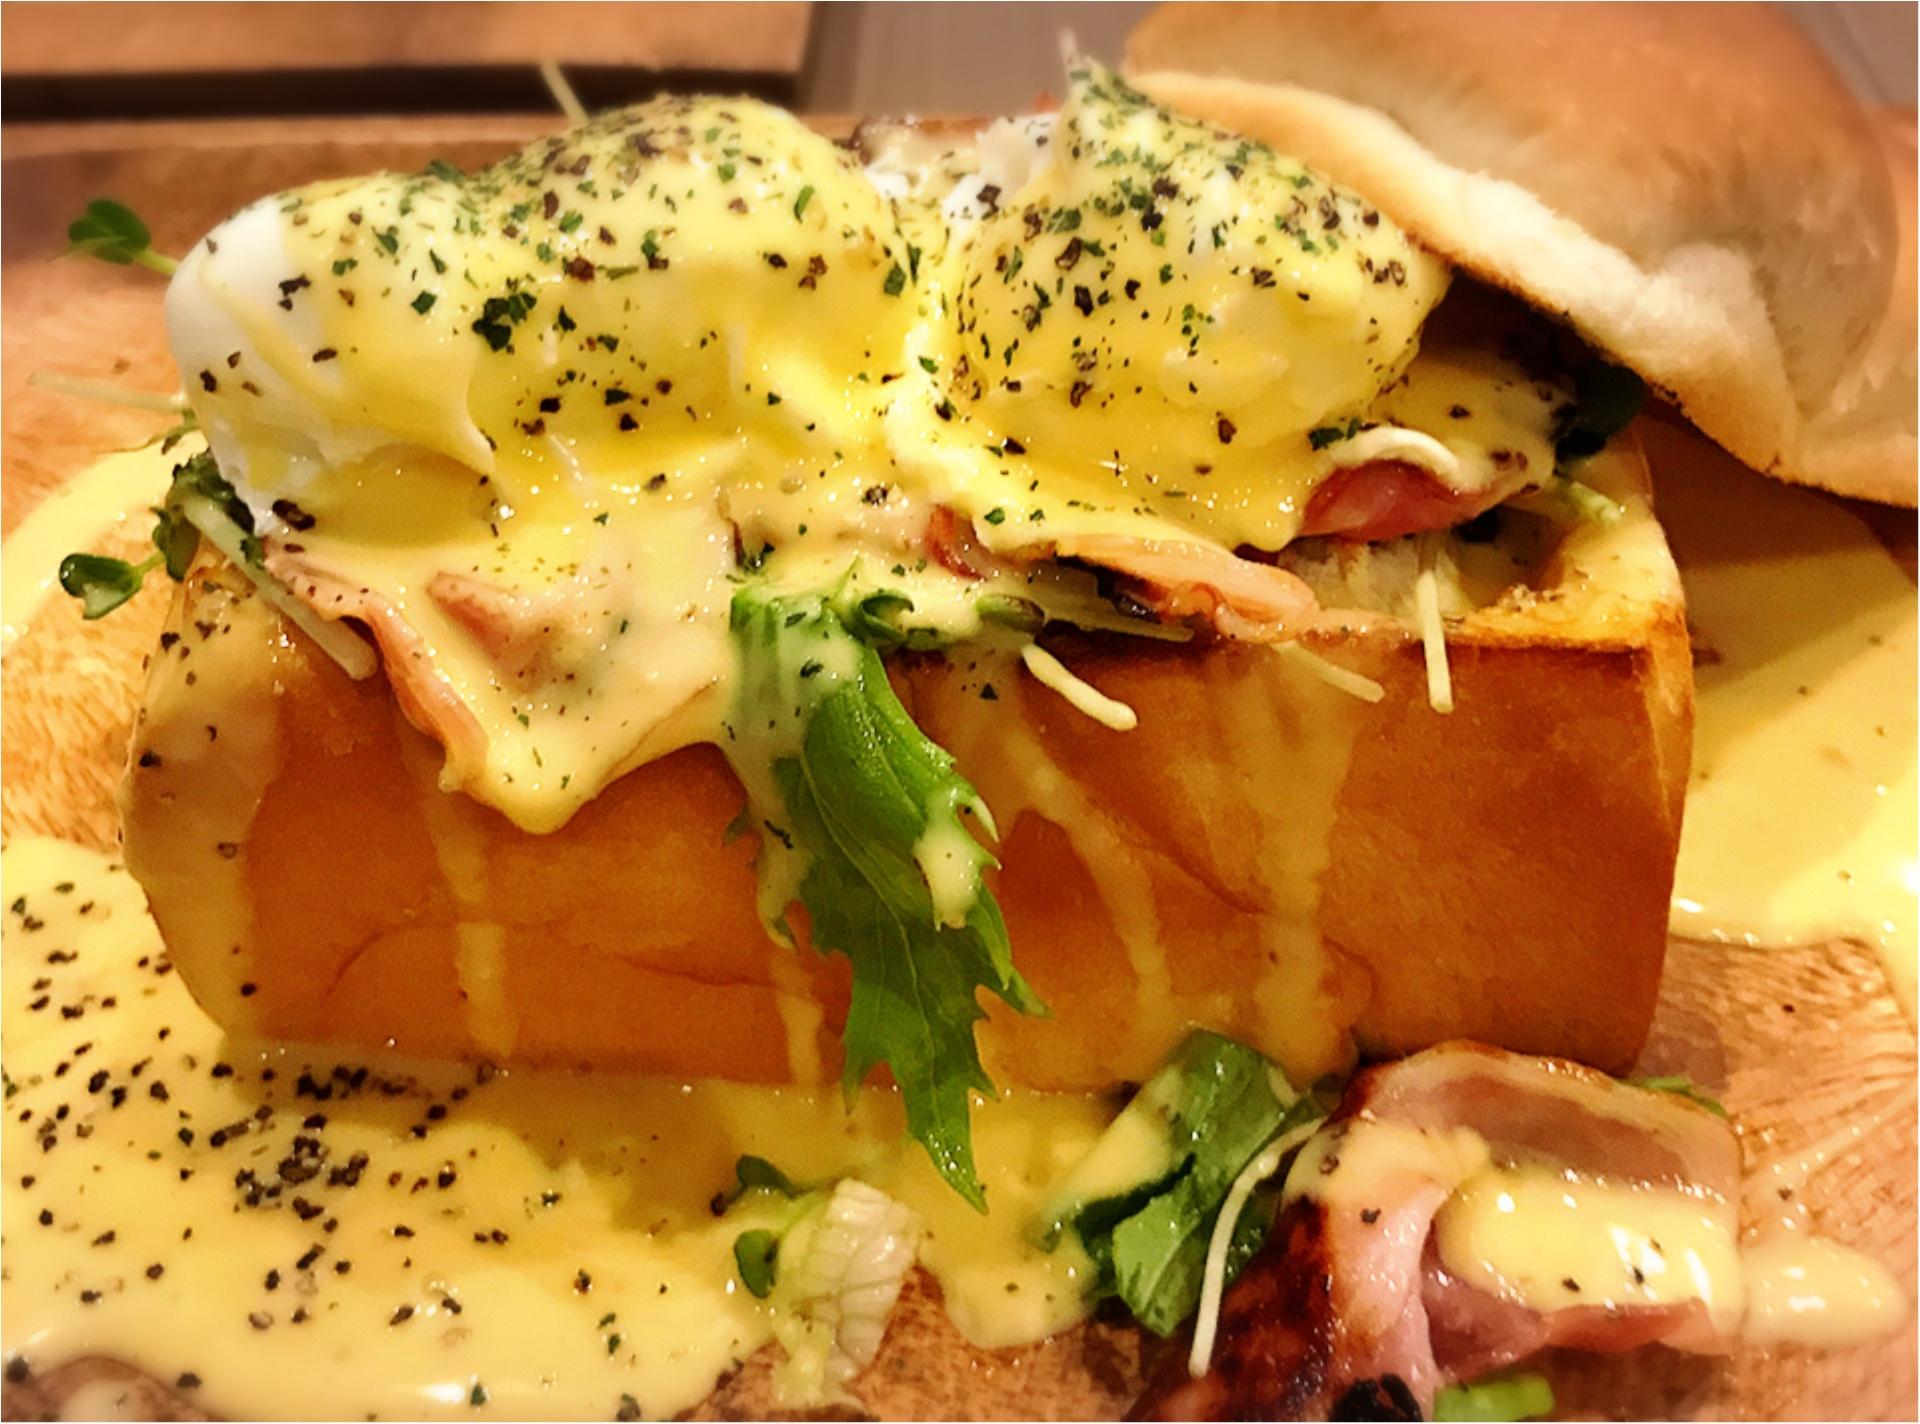 ★食パン丸ごとメインディッシュに⁉︎新感覚トースト『Q-BIC TOAST』っていったい何?★_1